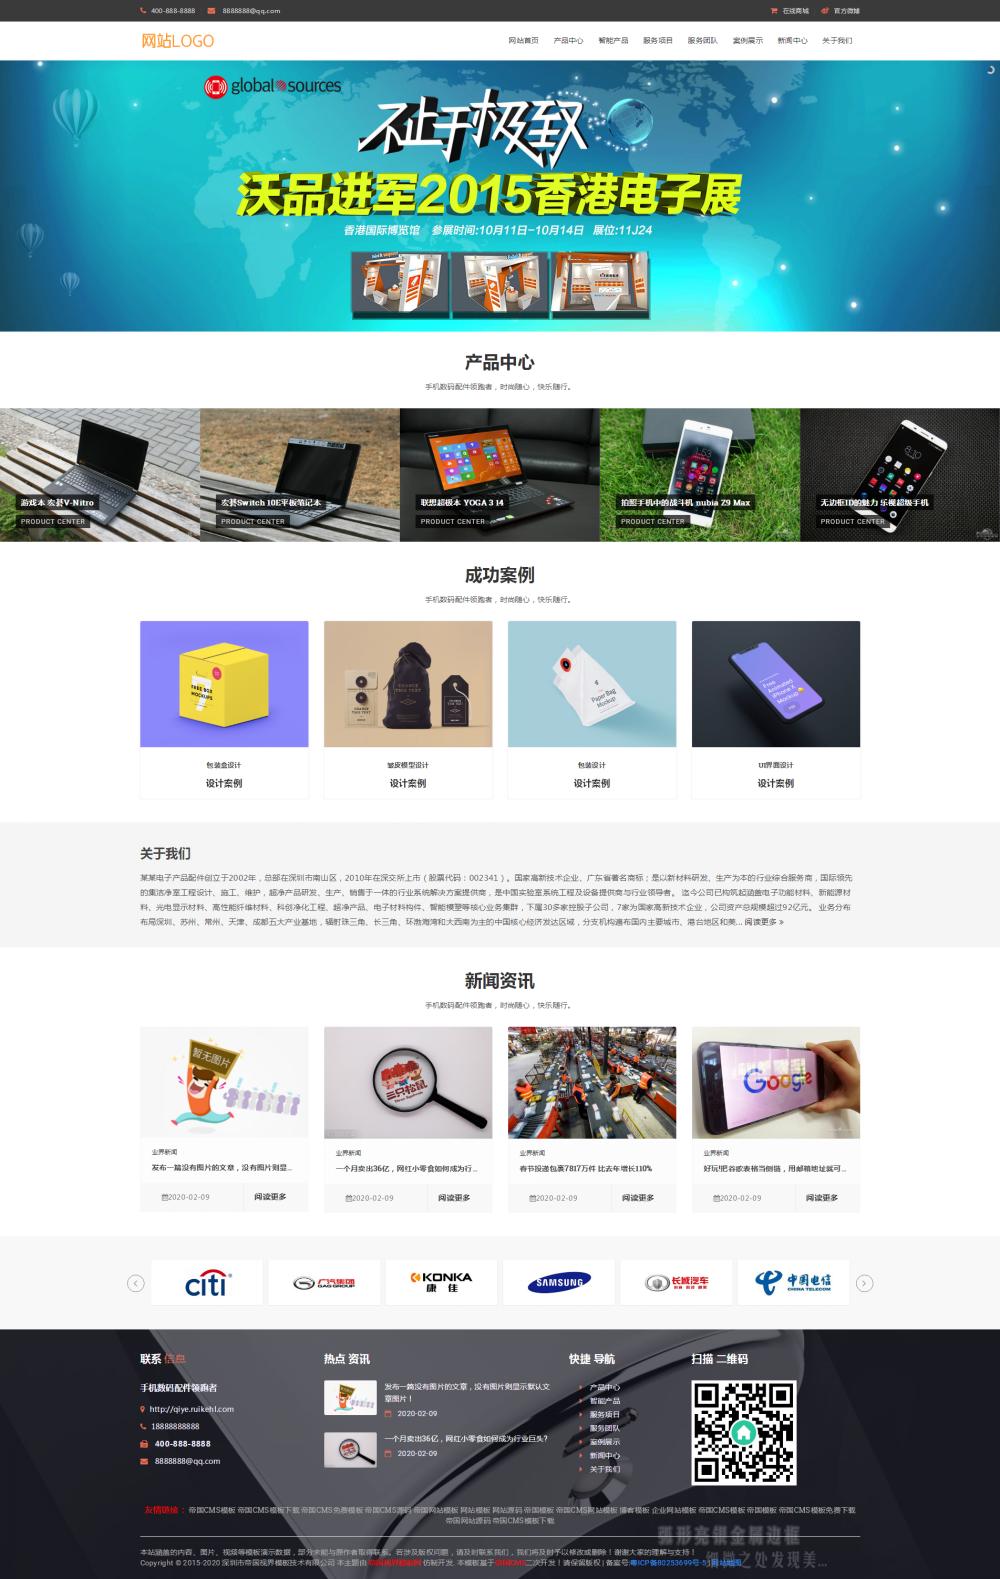 1网站首页.png [DG-111]帝国CMS响应式科技产品模板,自适应科技产品资讯网站模板(自适应手机版) 企业模板 第1张